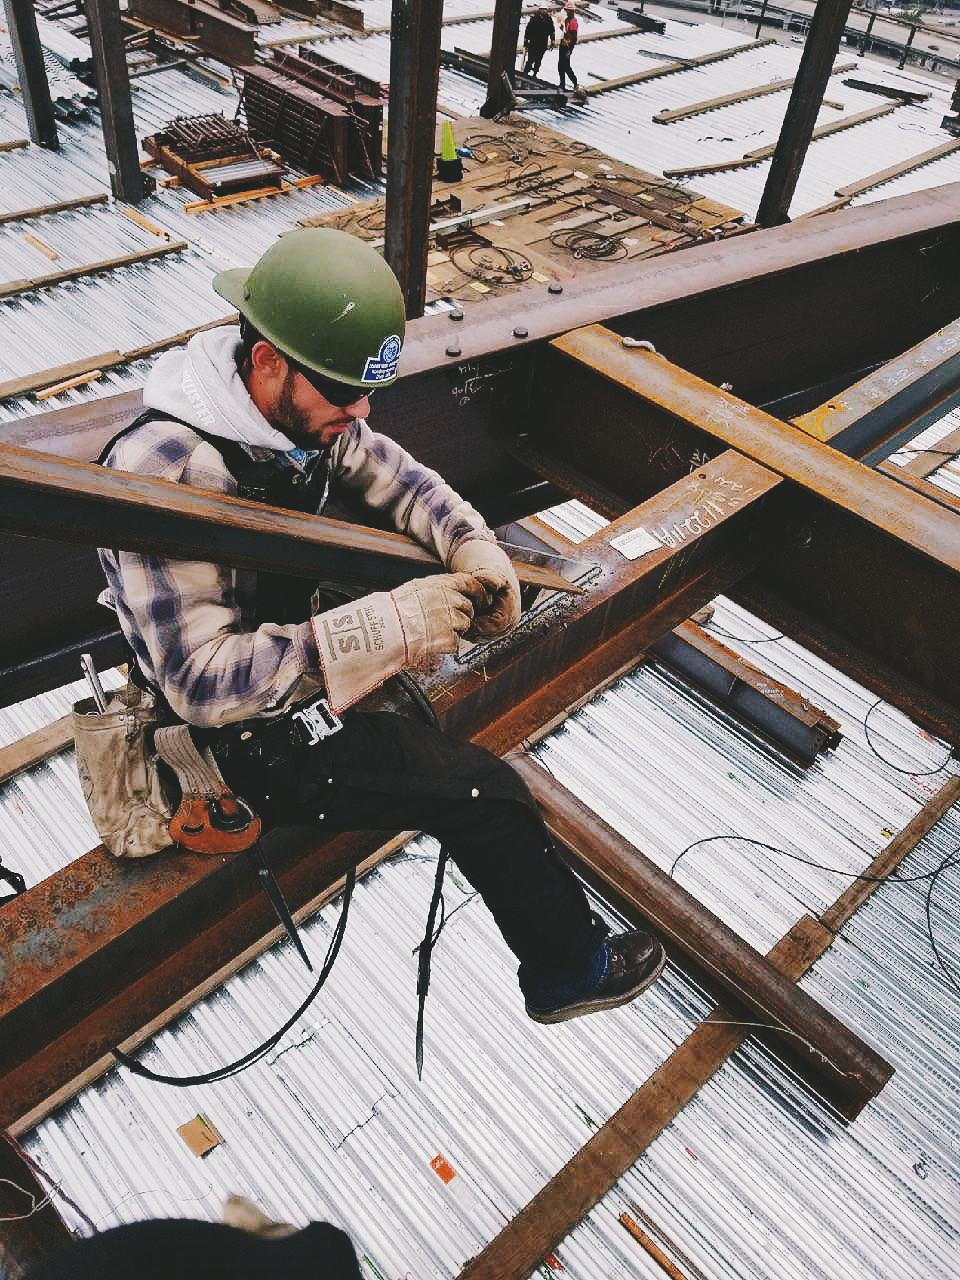 iron-worker-skilled-trades-welder